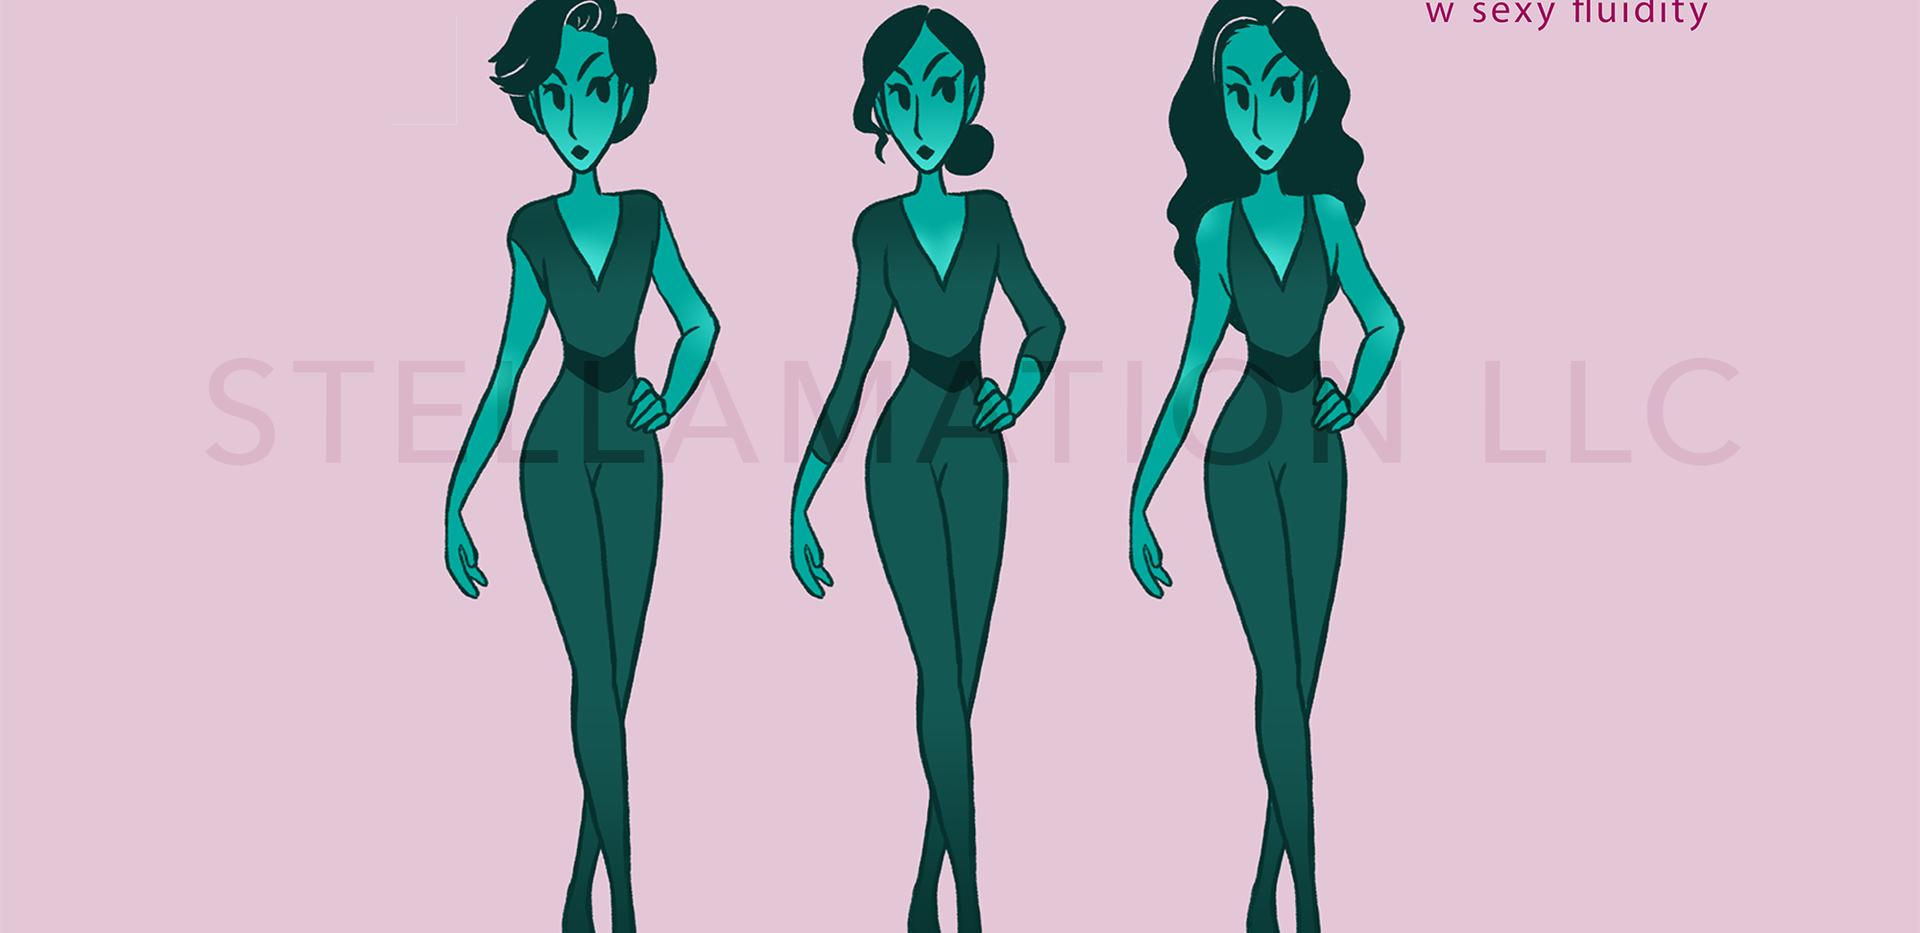 Valerie Character Design